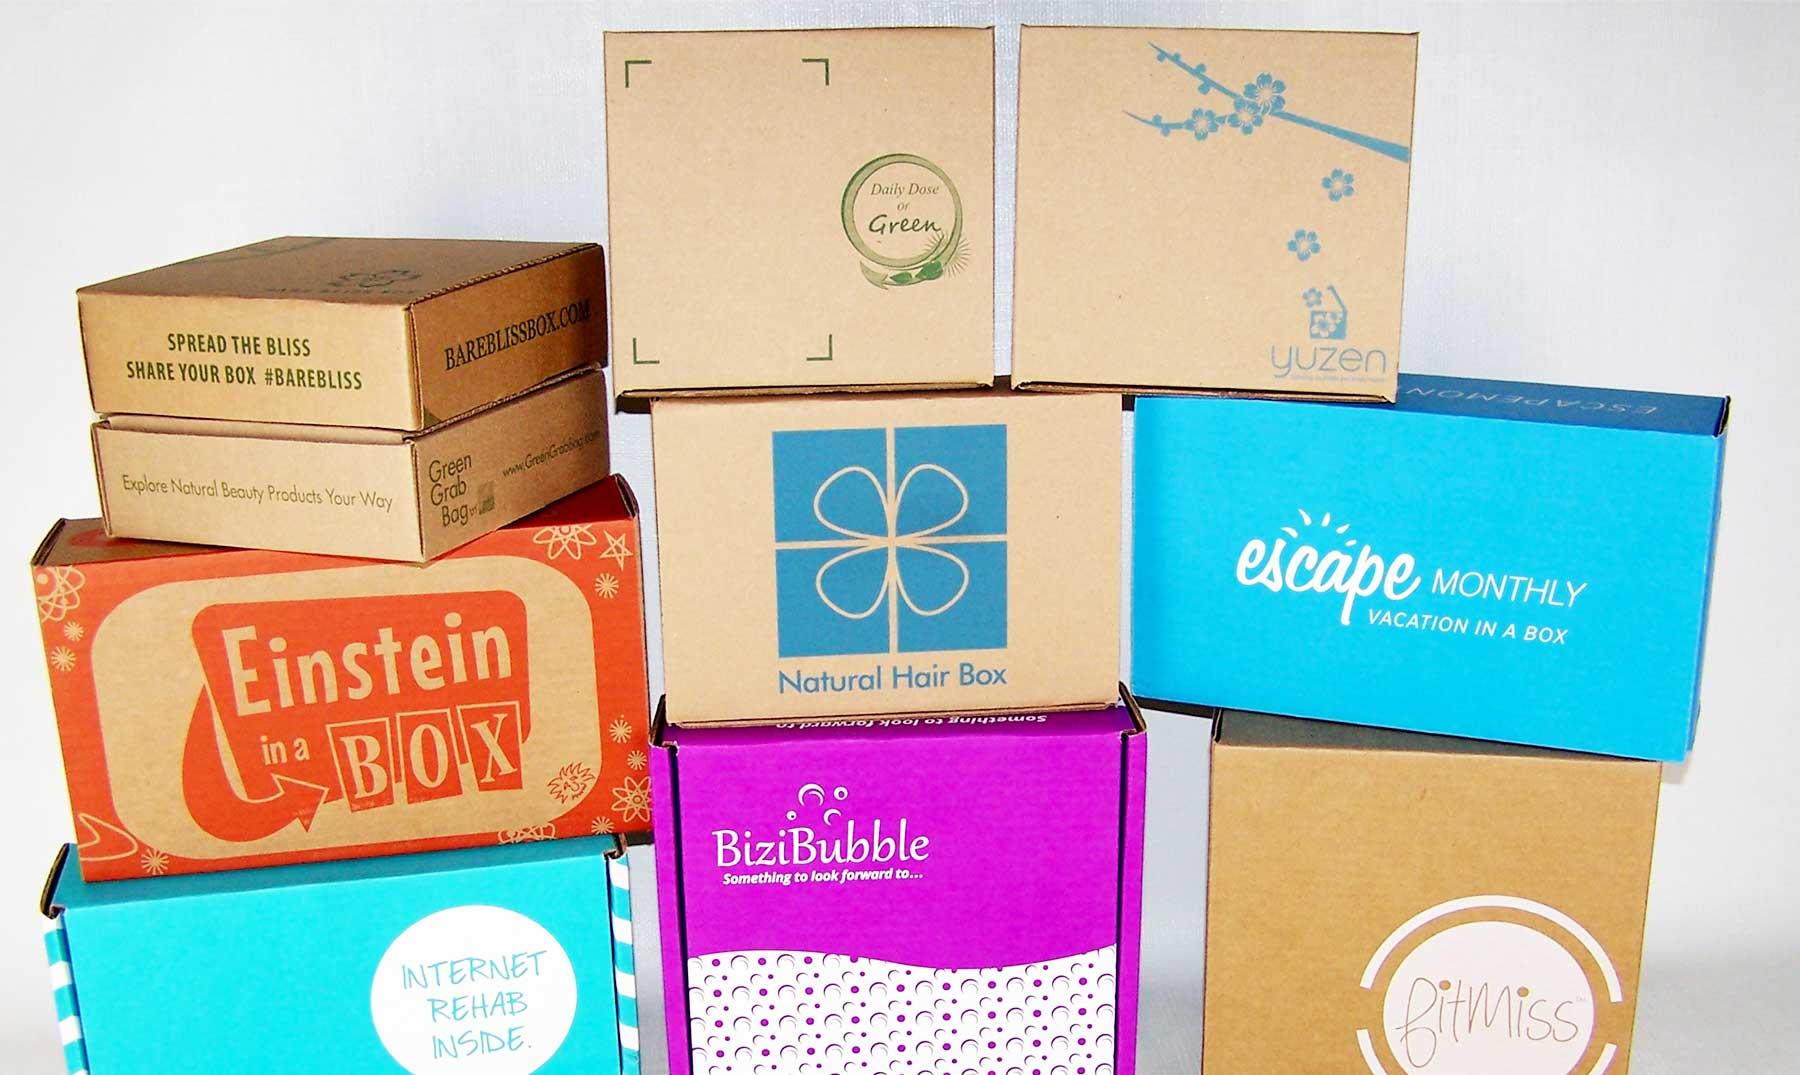 Cajas de suscripción: productos y servicio en paquetes